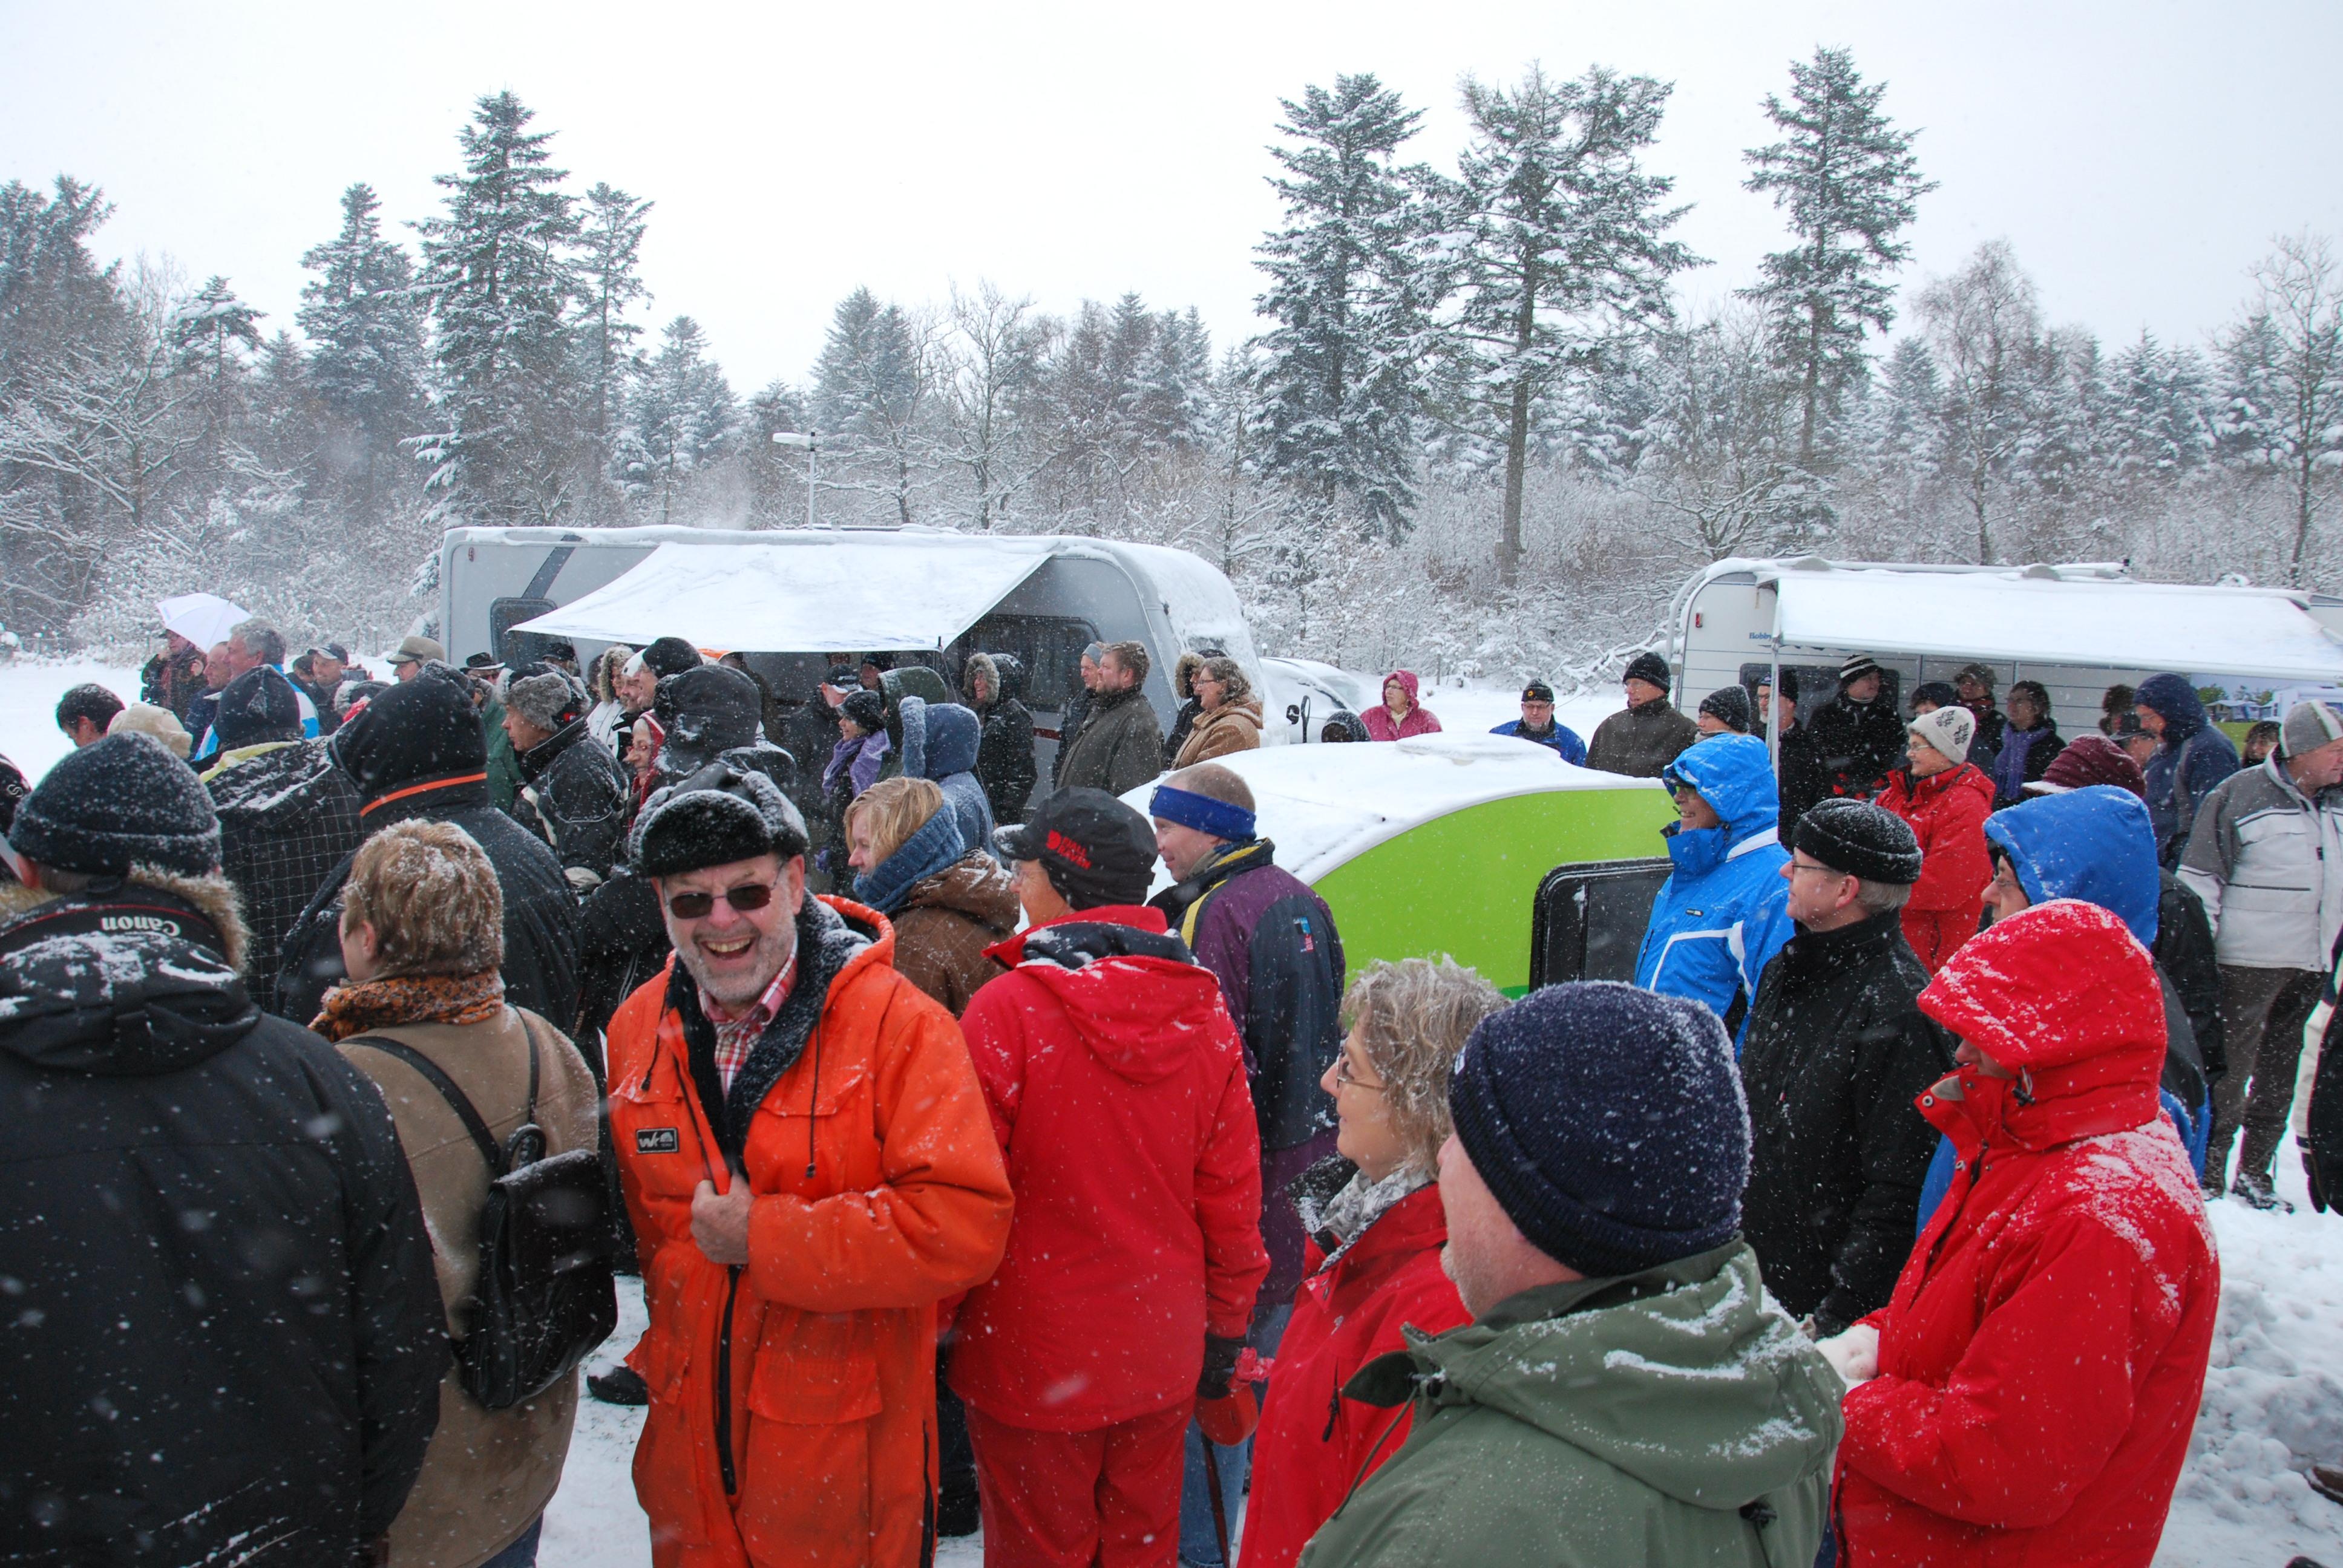 Vintercamping er værd at prøve